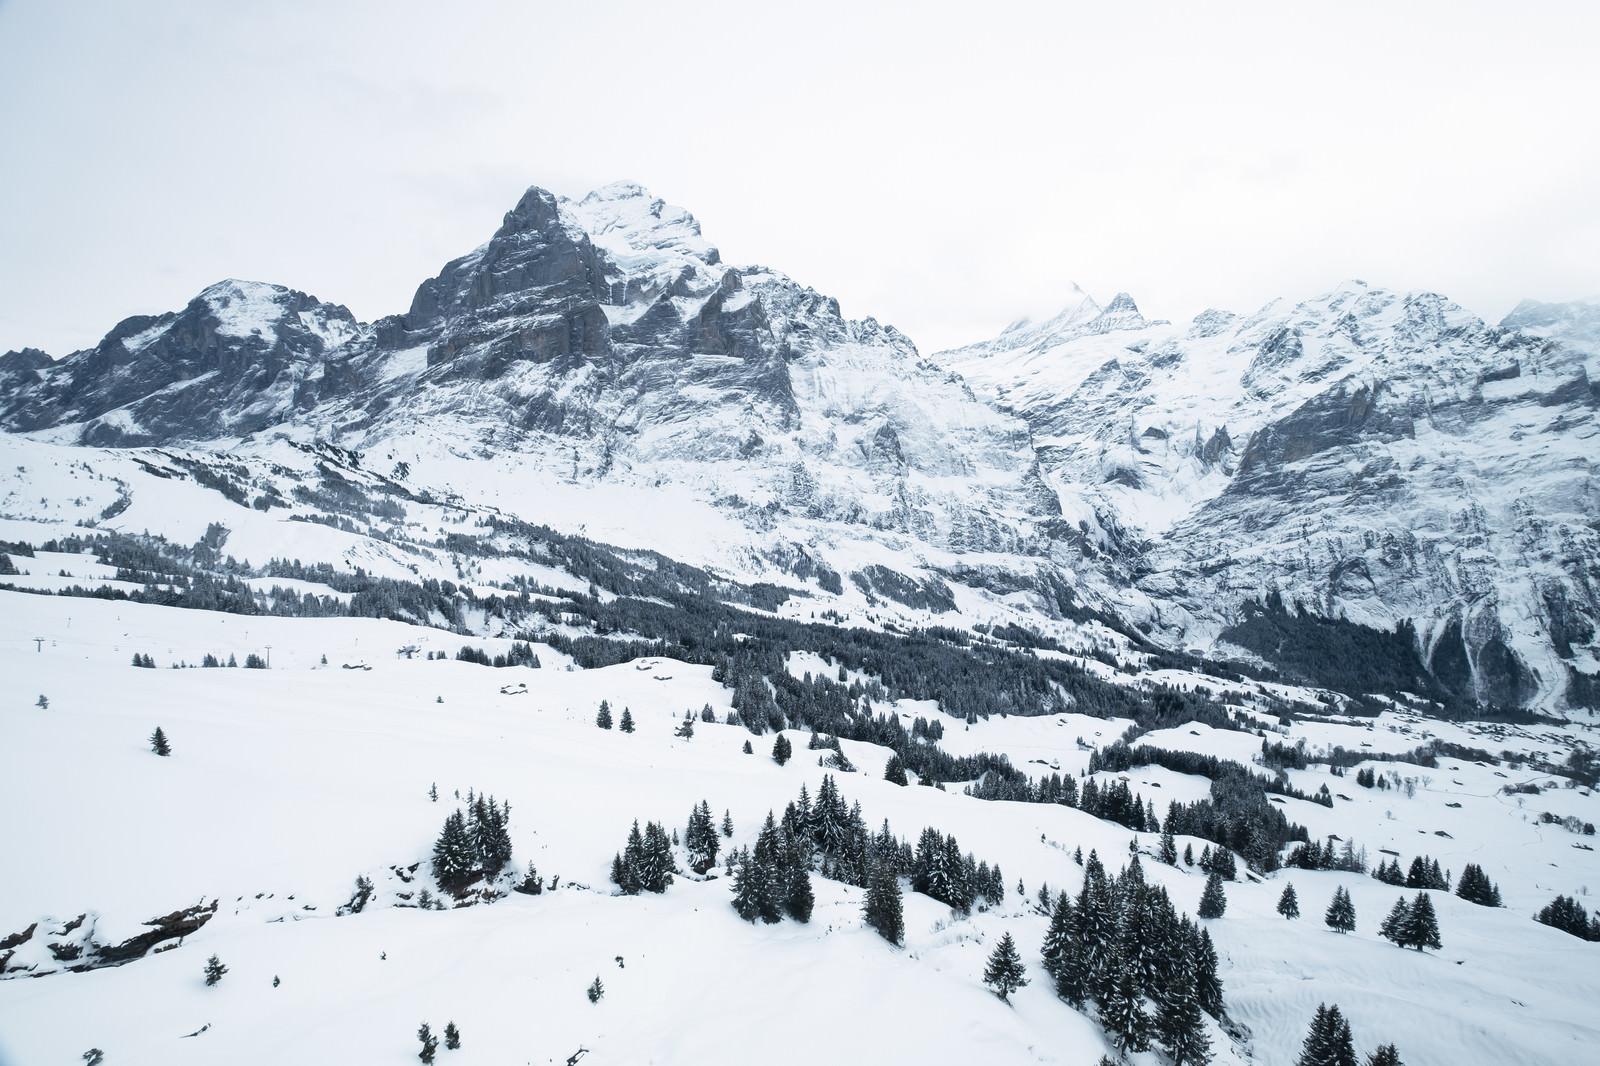 「冬のアルプス山脈(スイス)」の写真